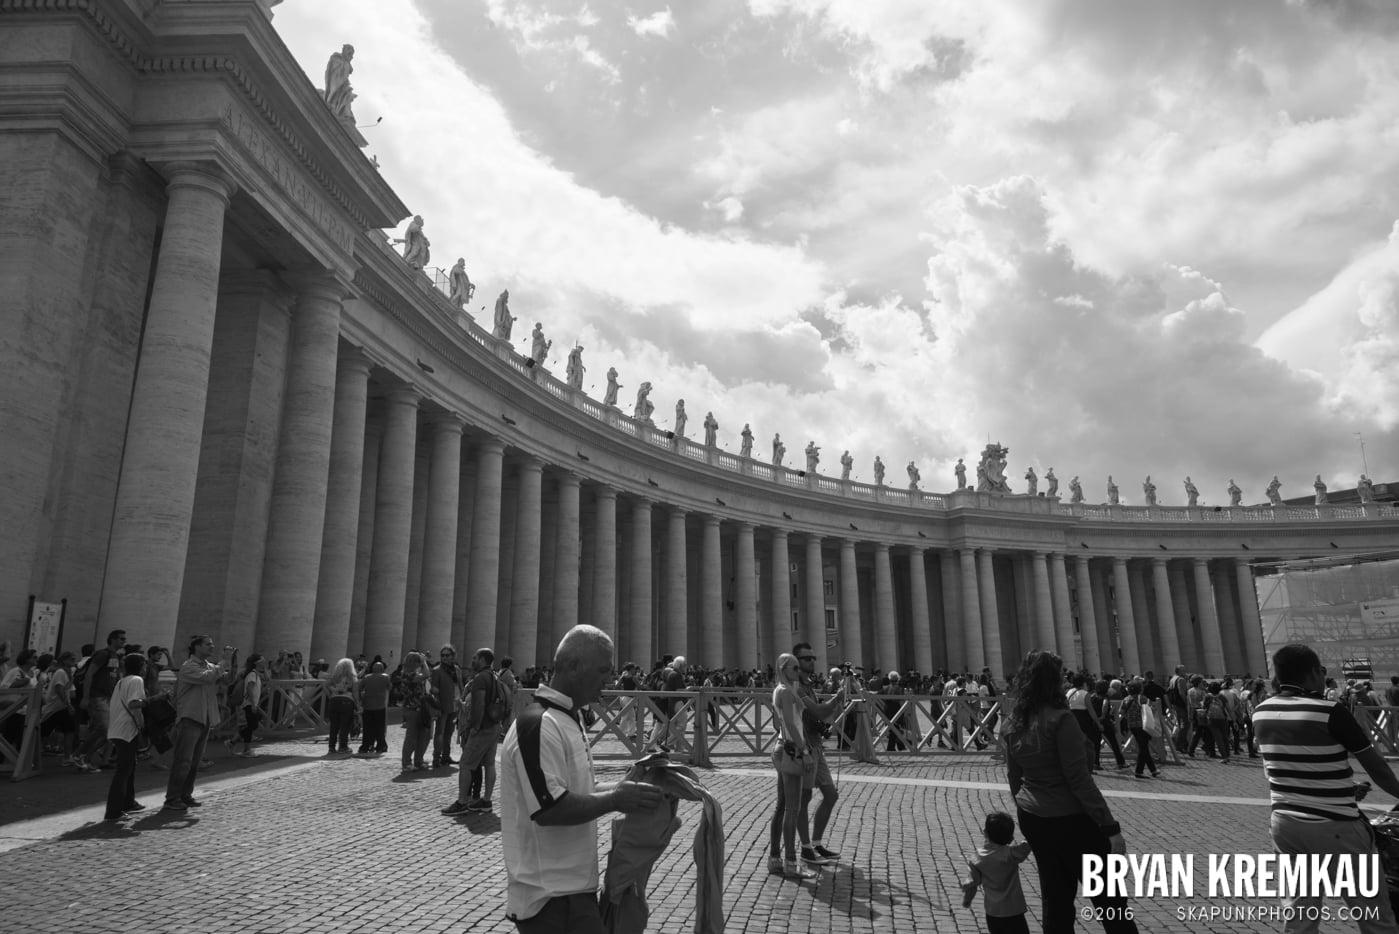 Italy Vacation - Day 3: Rome - 9.11.13 (29)